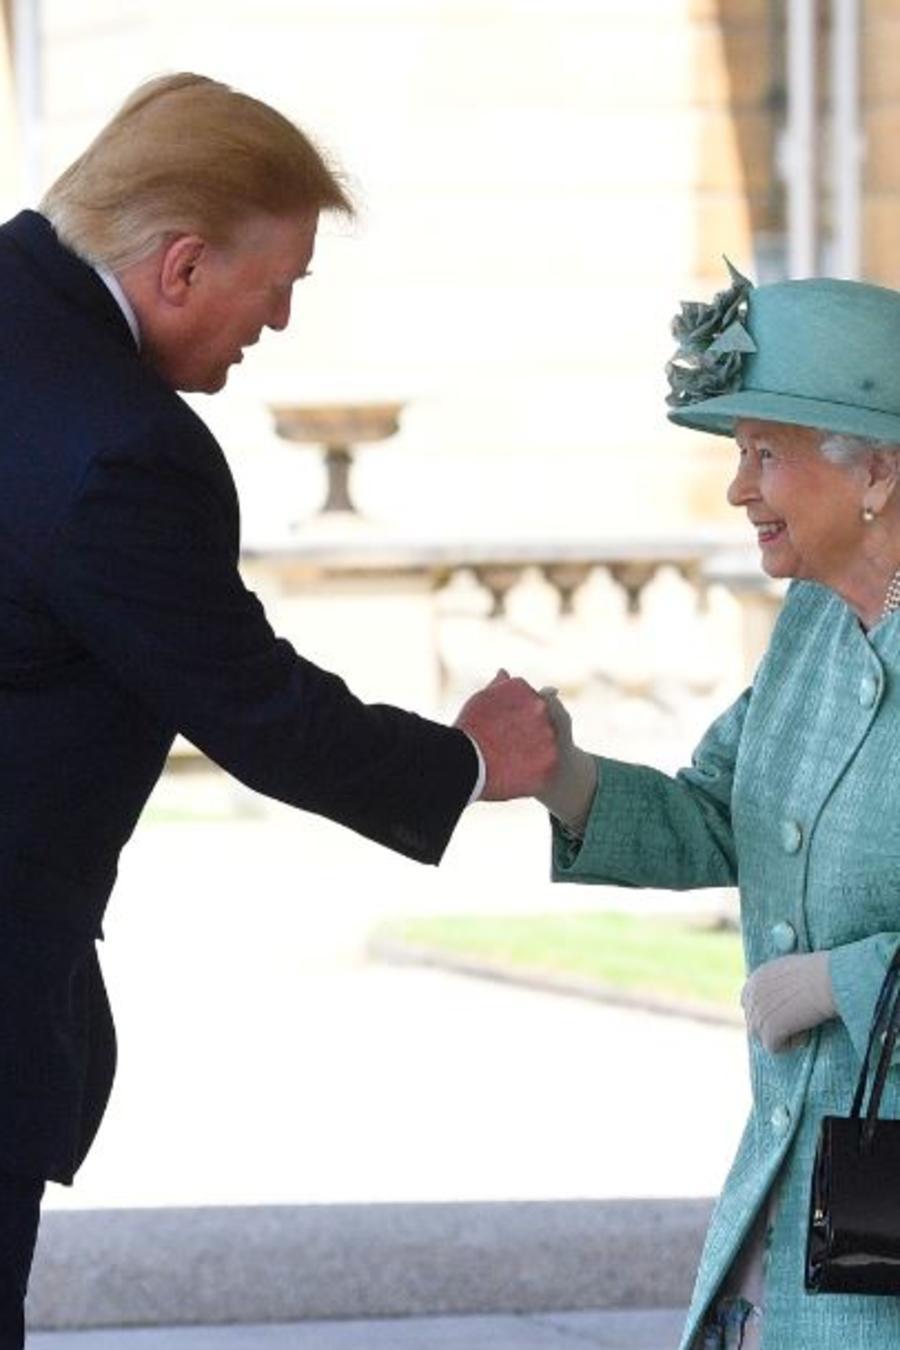 La reina Isabel II saluda al presidente de los Estados Unidos, Donald Trump, en el Palacio de Buckingham, en Londres.